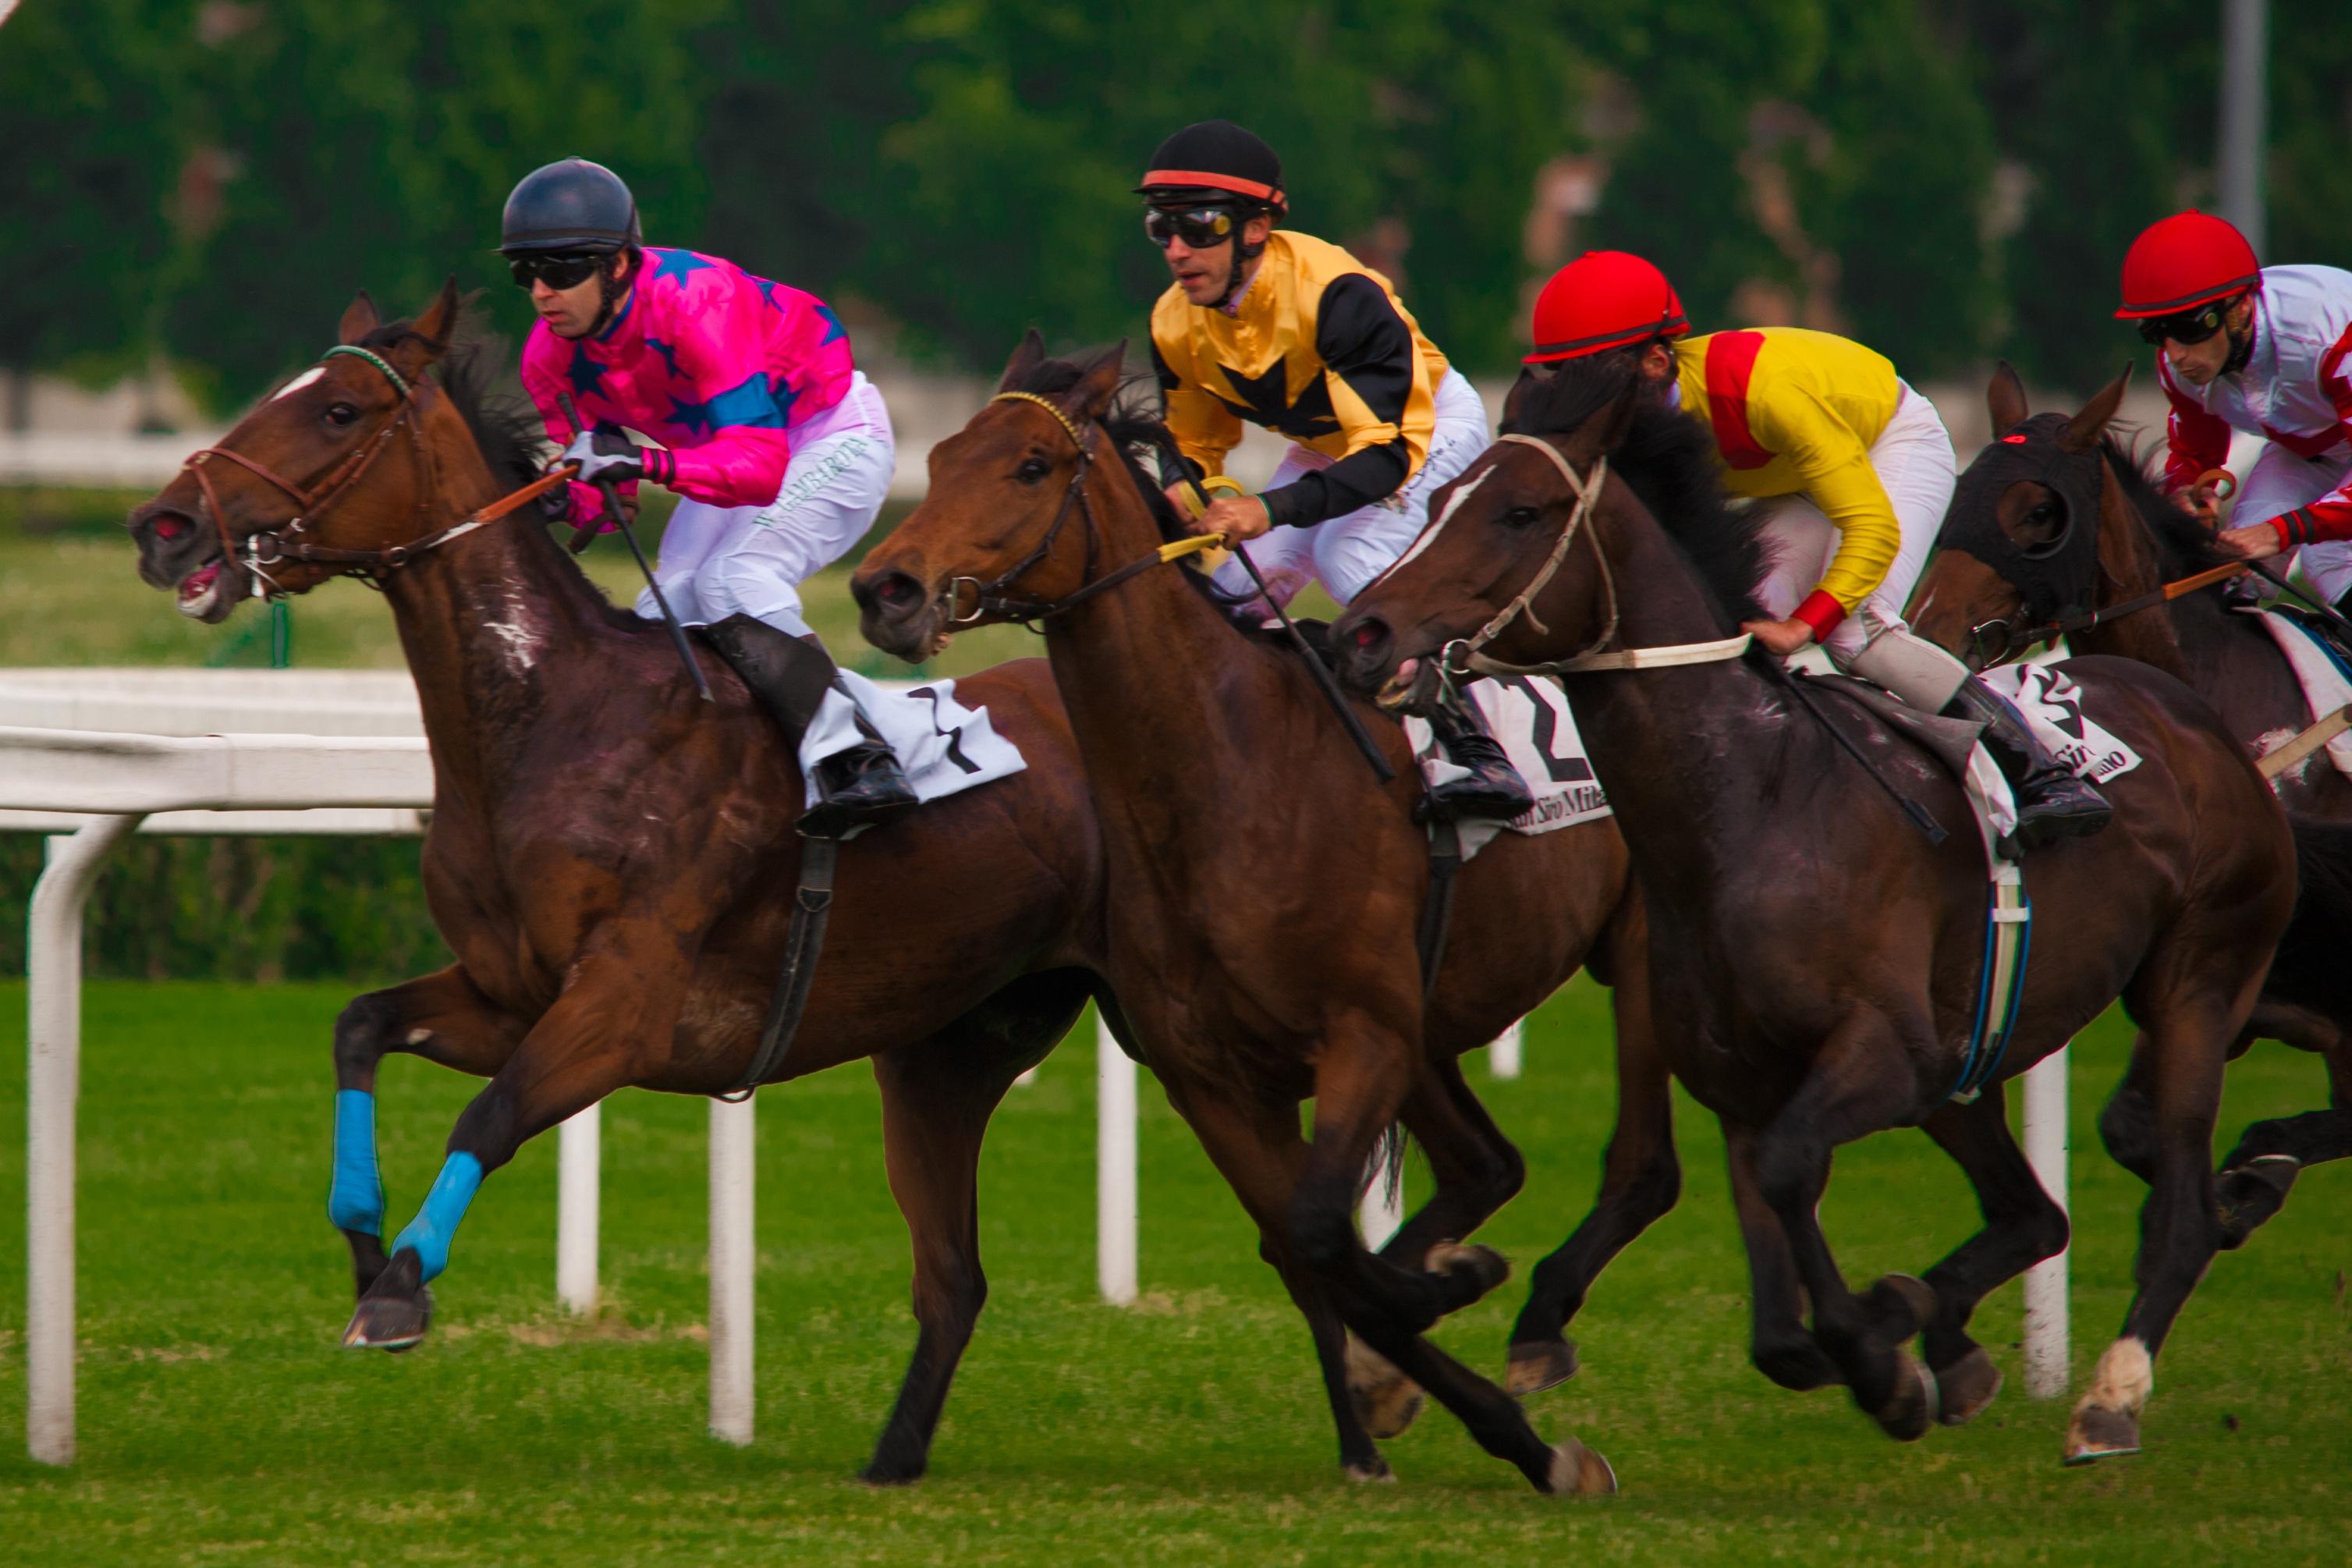 Corse Cavalli Milano Calendario.La Vita Di Un Cavallo Ippodromi Snai